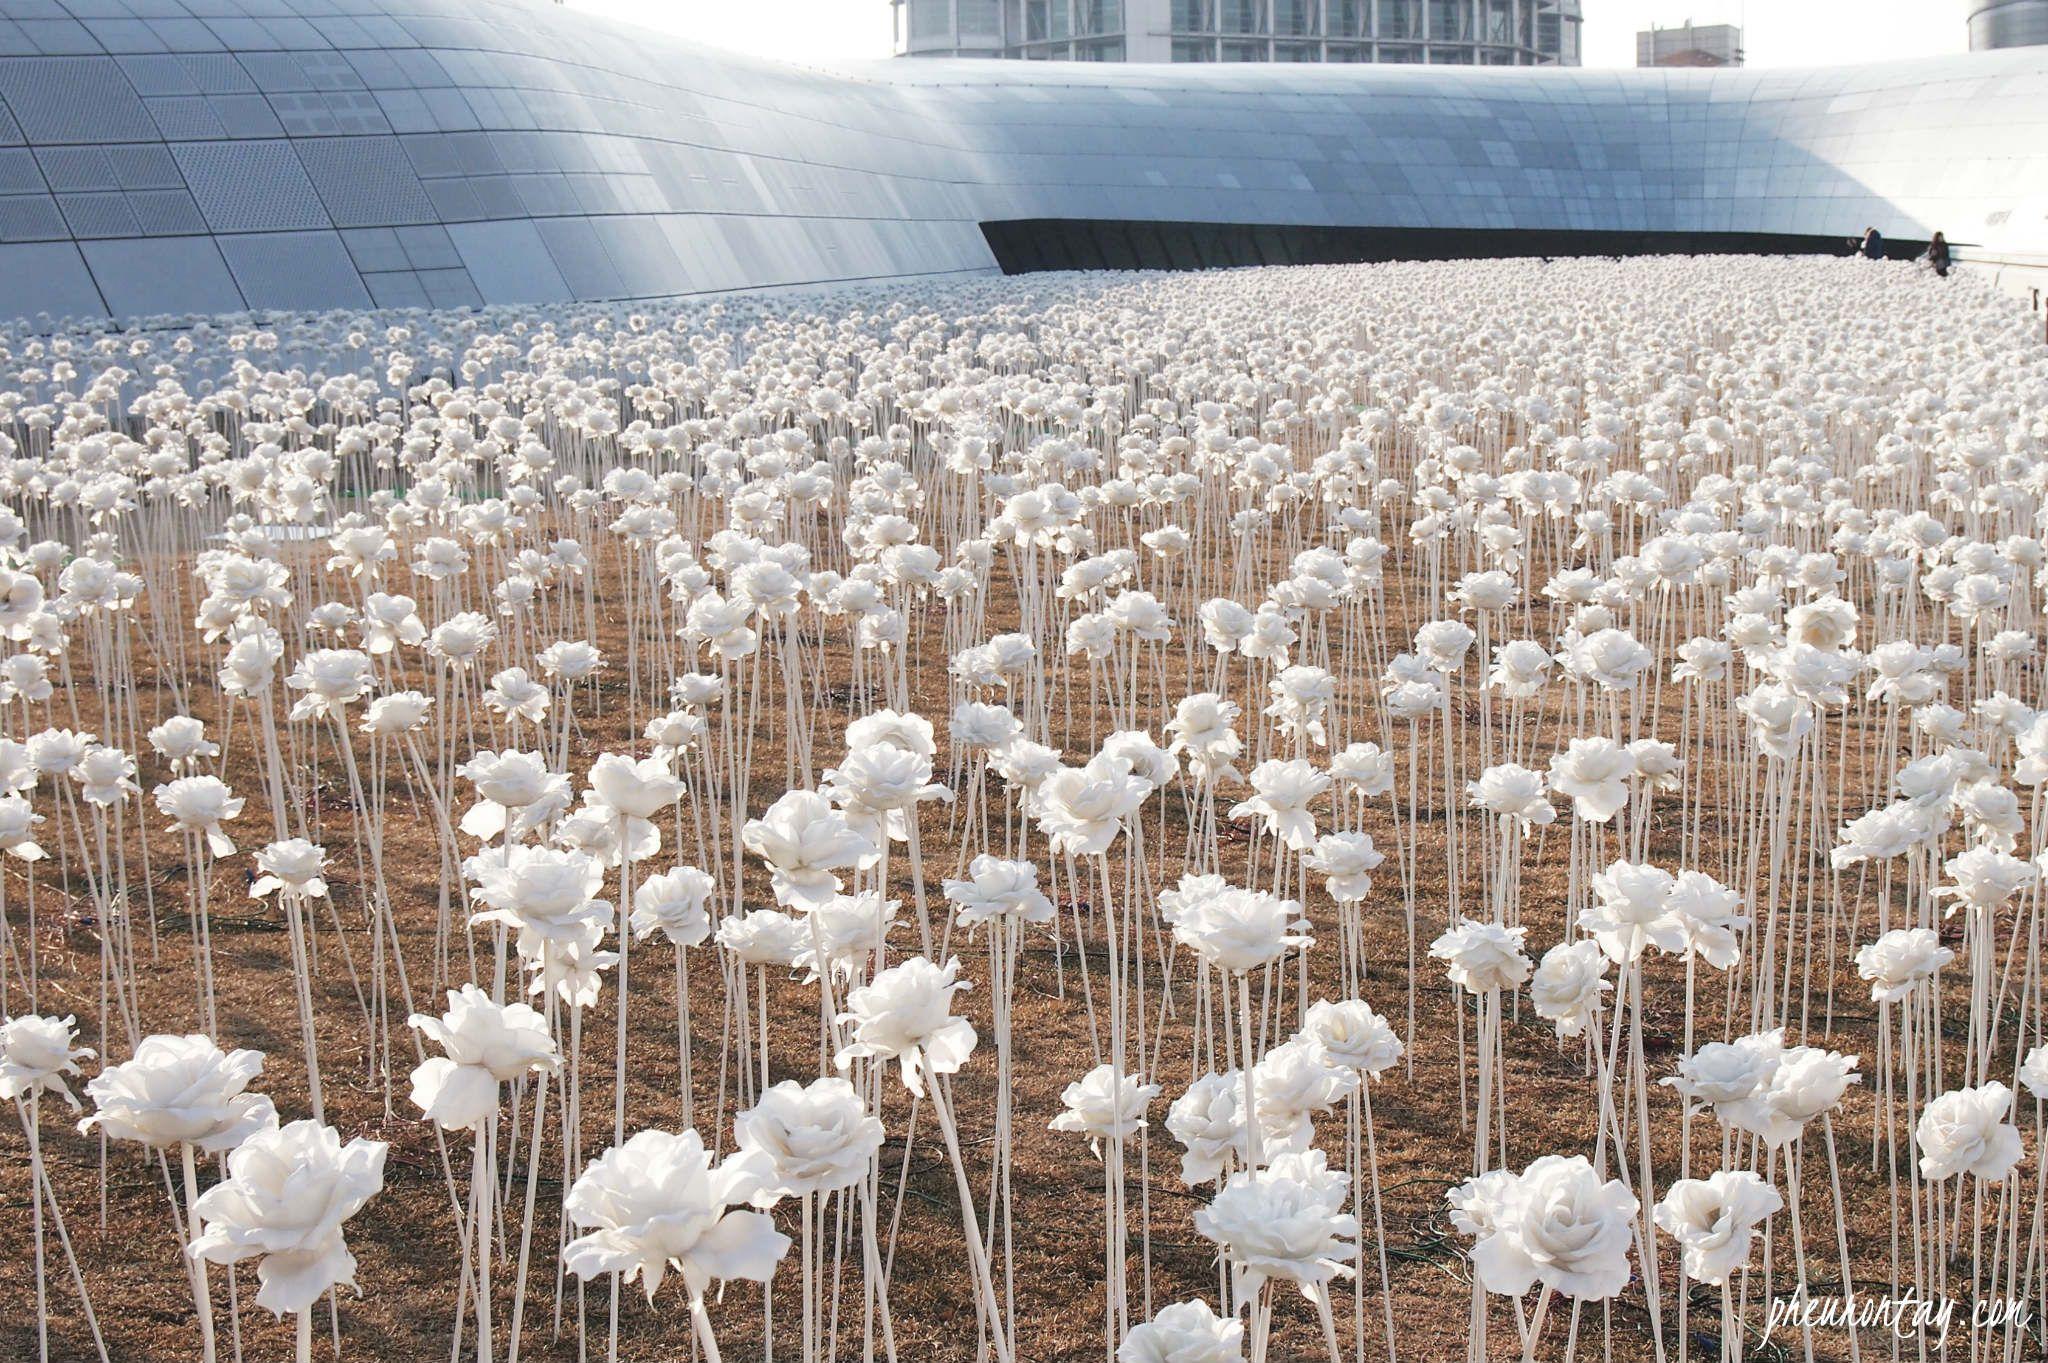 Dongdaemun Design Plaza Ddp Seoul South Korea Led Gardening Rose Garden Landscape Led Flower